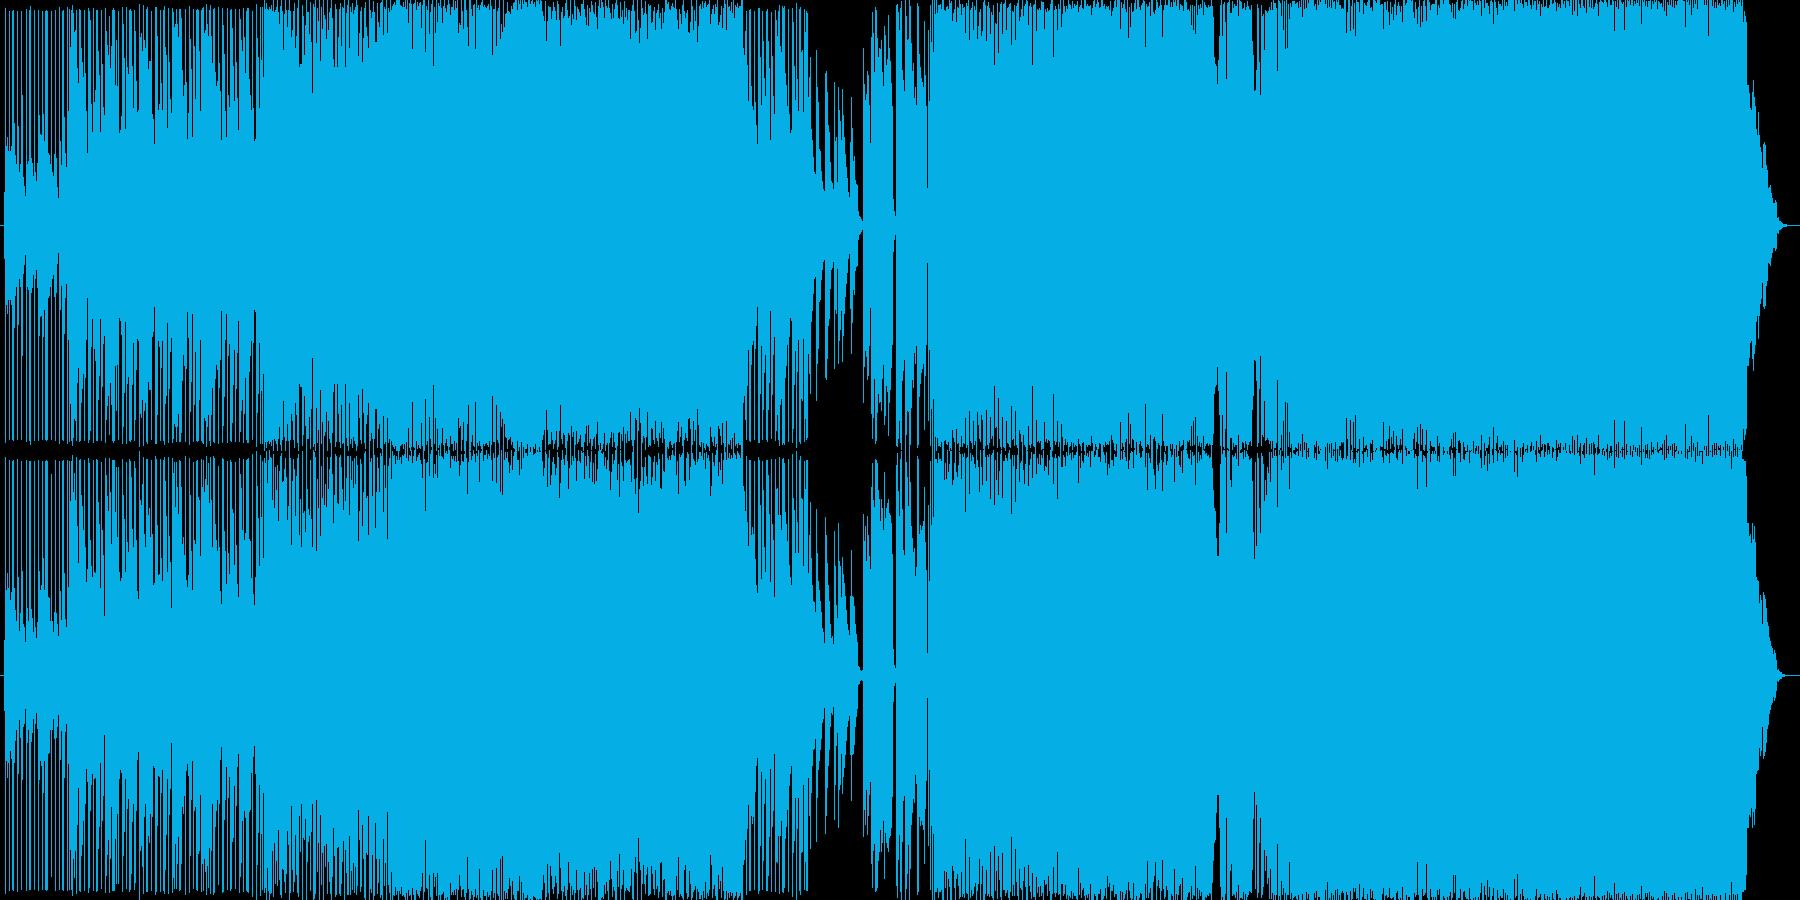 夜に合う大人なエレピ、エレキギターBGMの再生済みの波形